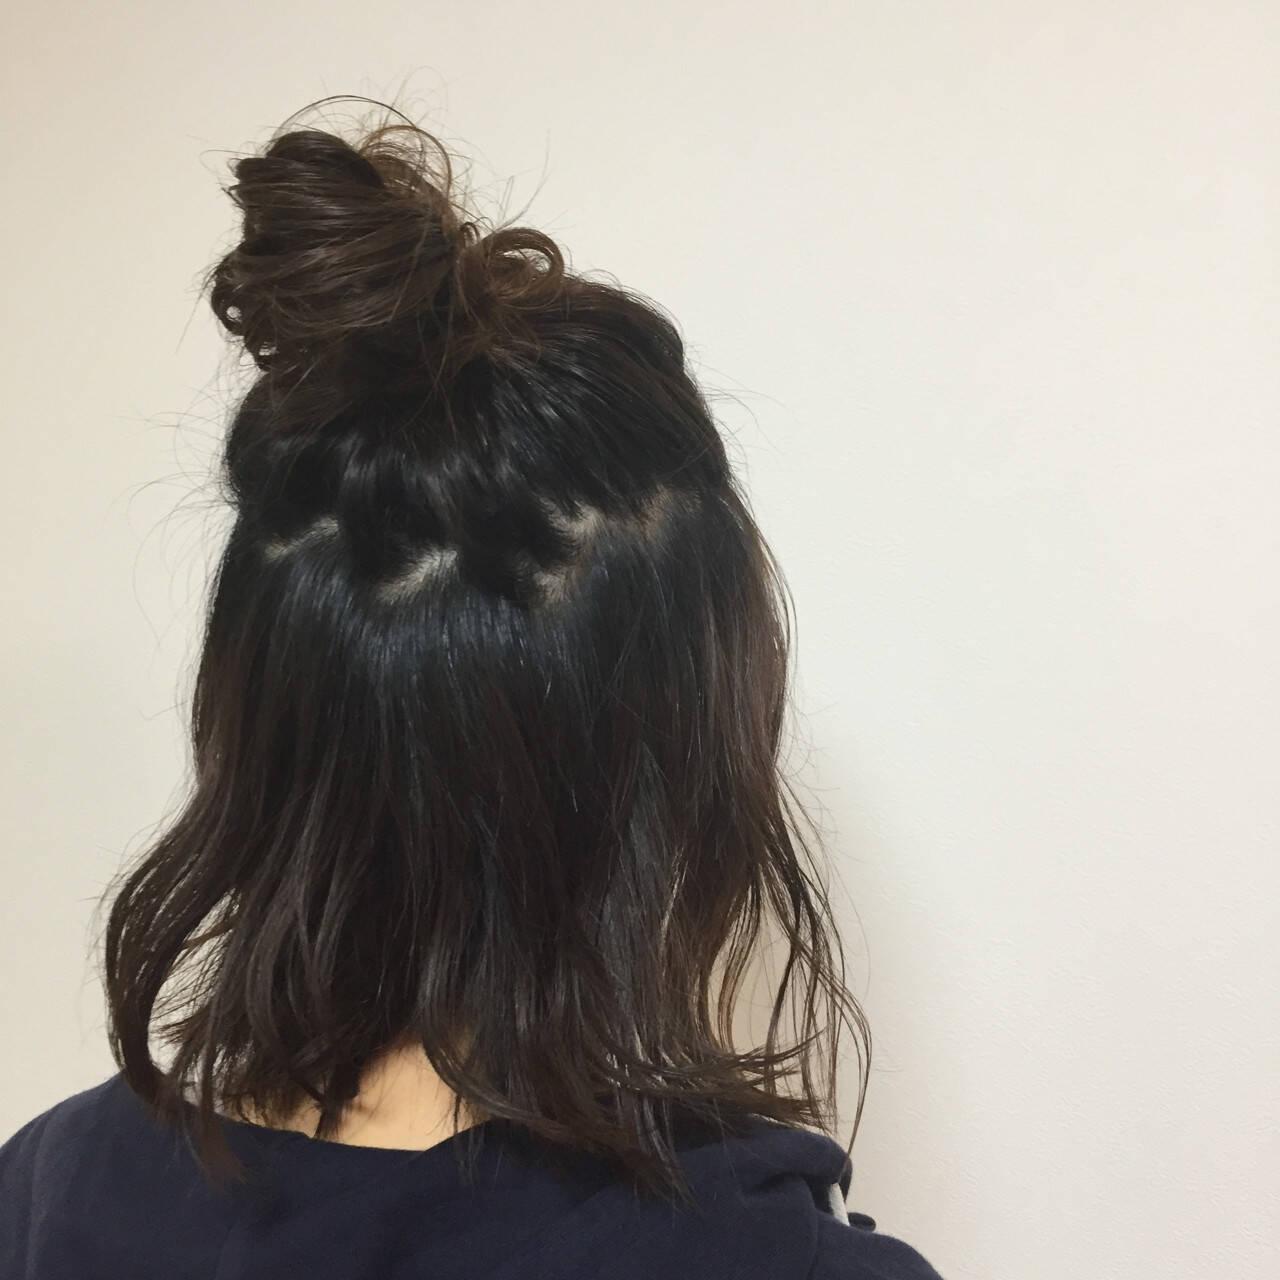 ヘアアレンジ ミディアム メッシーバン ナチュラルヘアスタイルや髪型の写真・画像